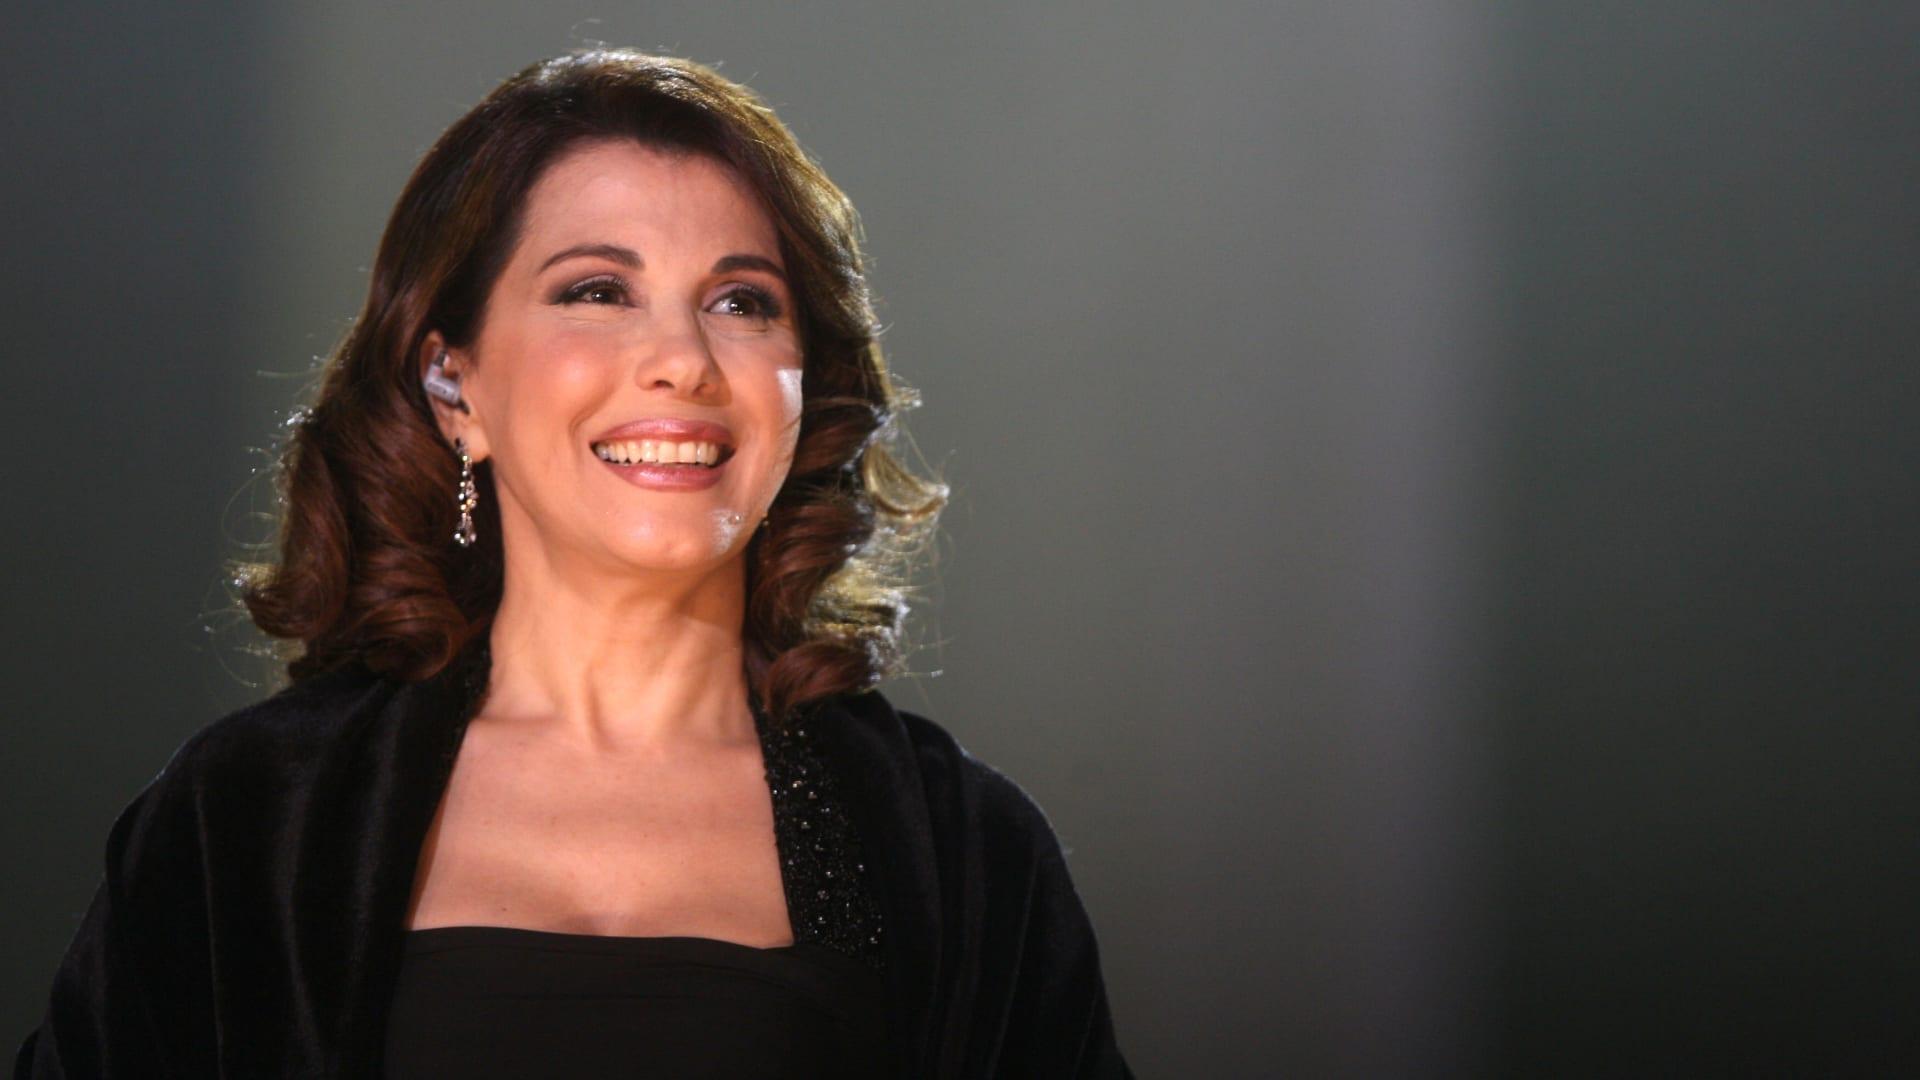 ماجدة الرومي تفقد توازنها على مسرح مهرجان جرش بالأردن.. وتعود لاستكمال الافتتاح